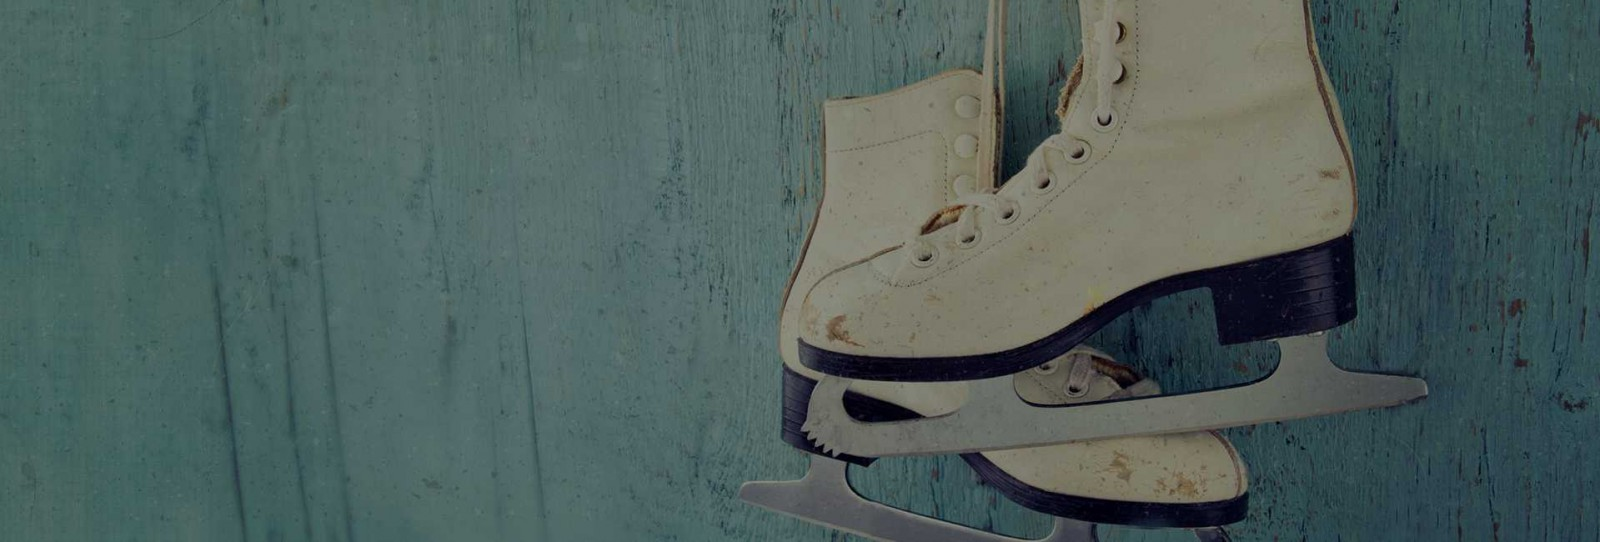 Skate background